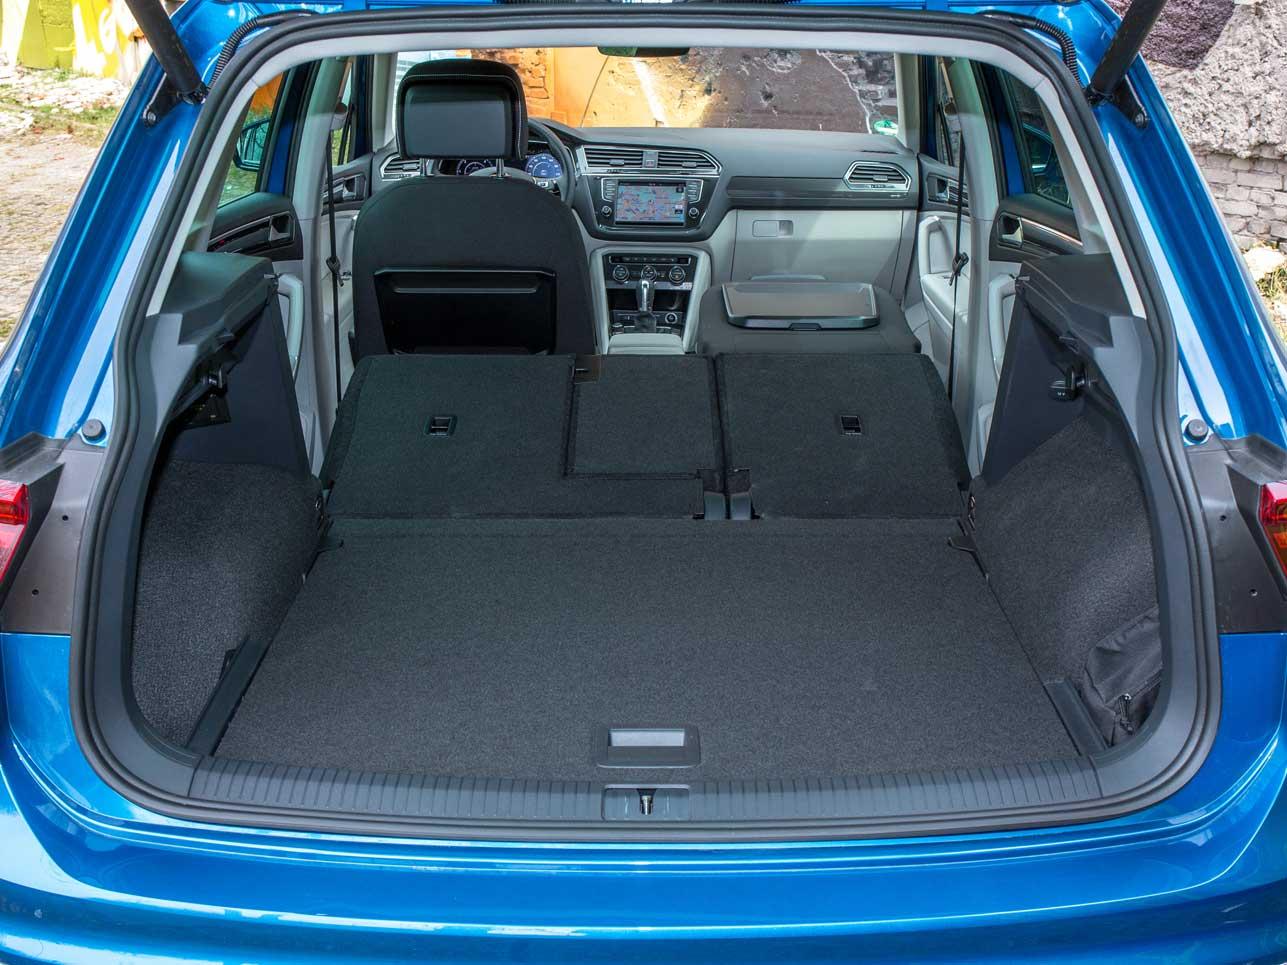 Der Kofferraum bietet dank komplett umklappbarer Rücksitzbank reichlich Platz.